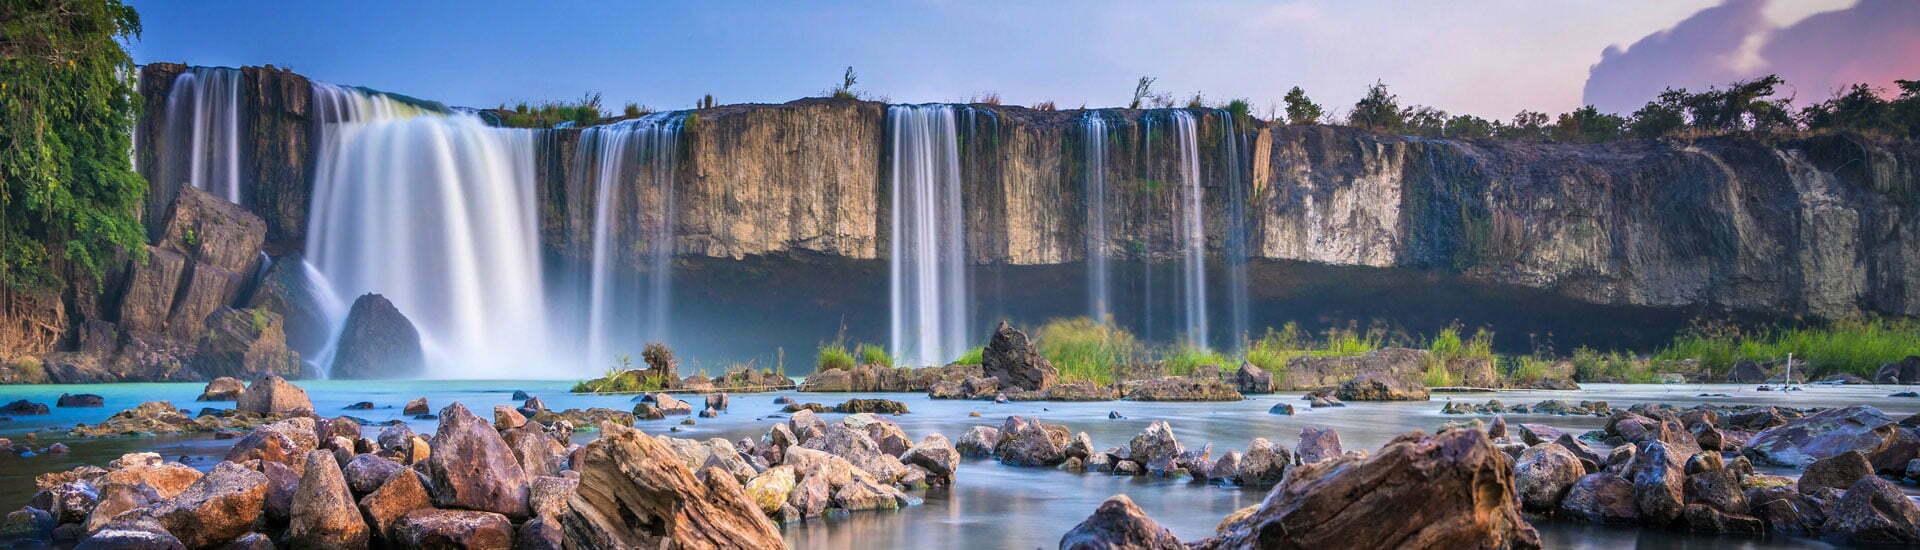 Chute d'eau au Vietnam